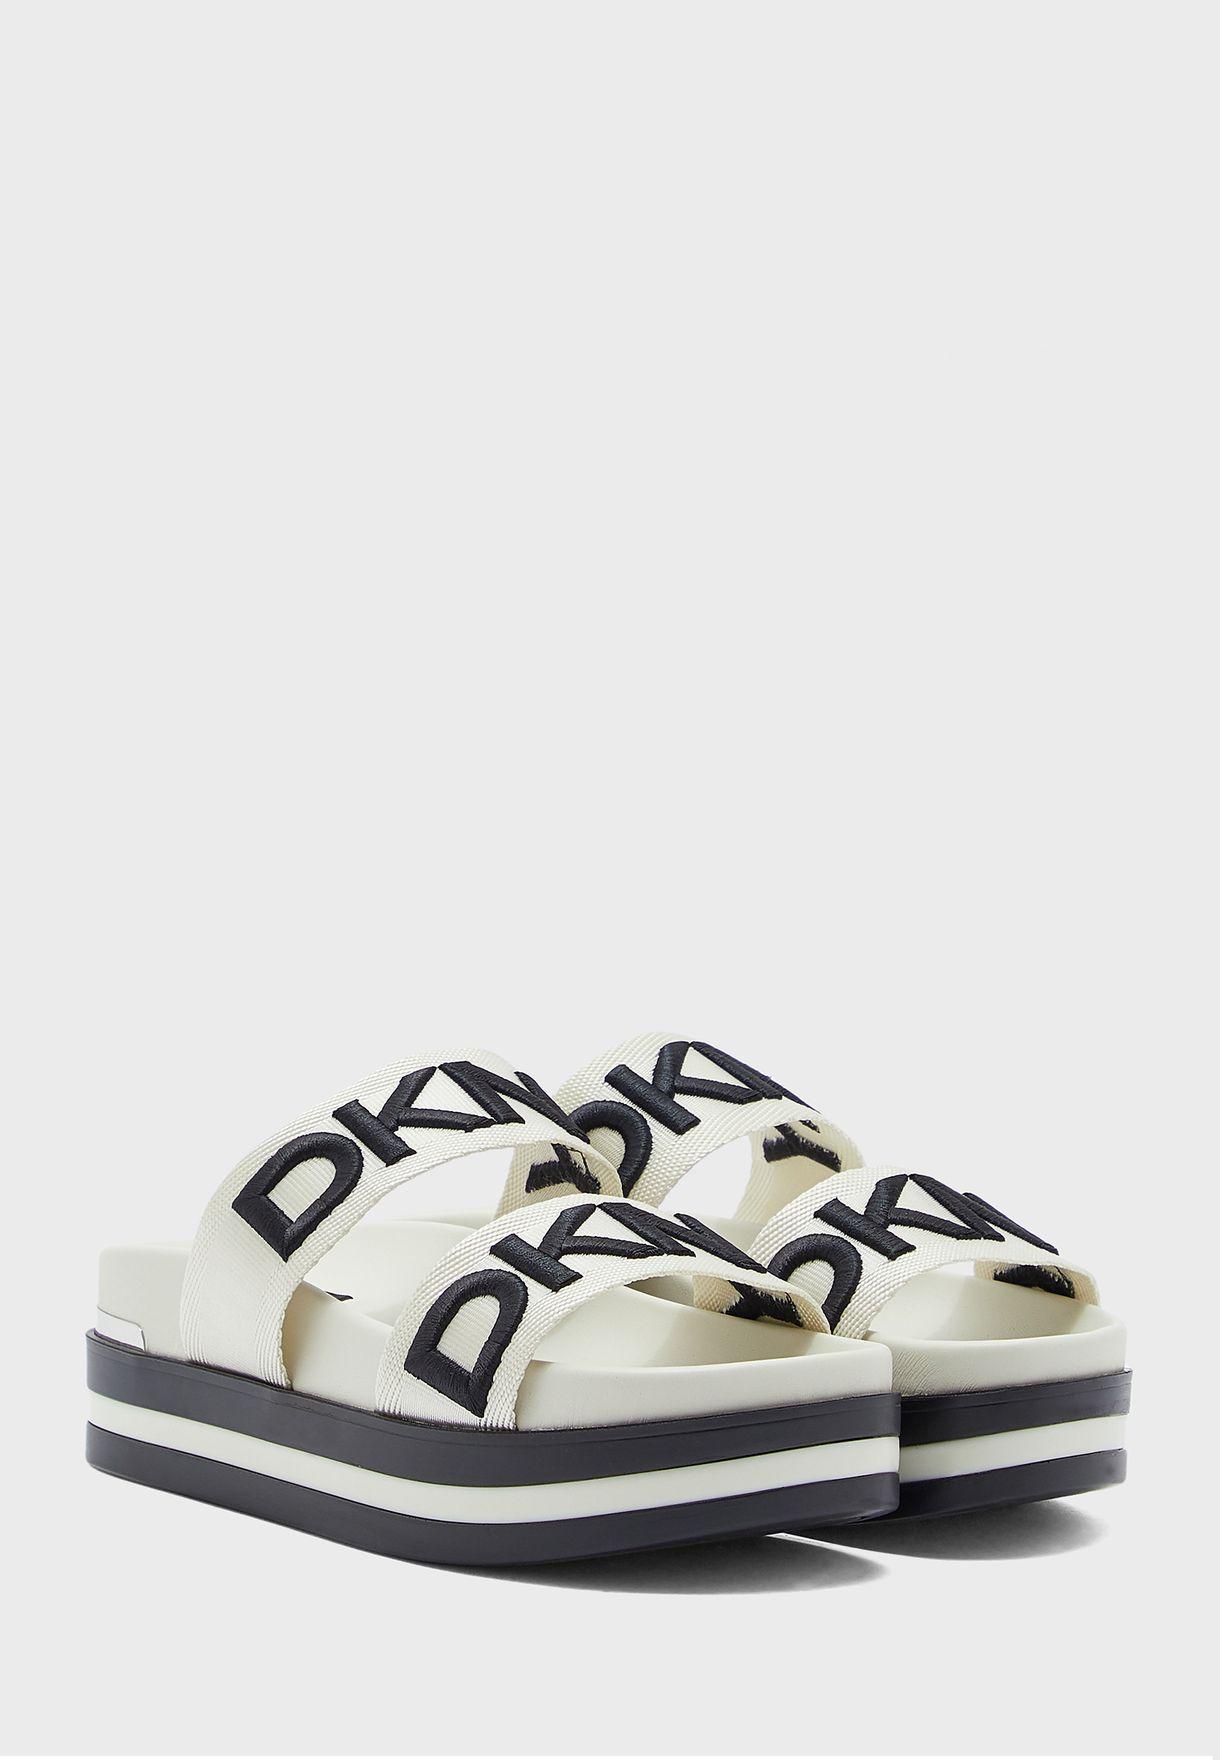 Tee Flat Sandal